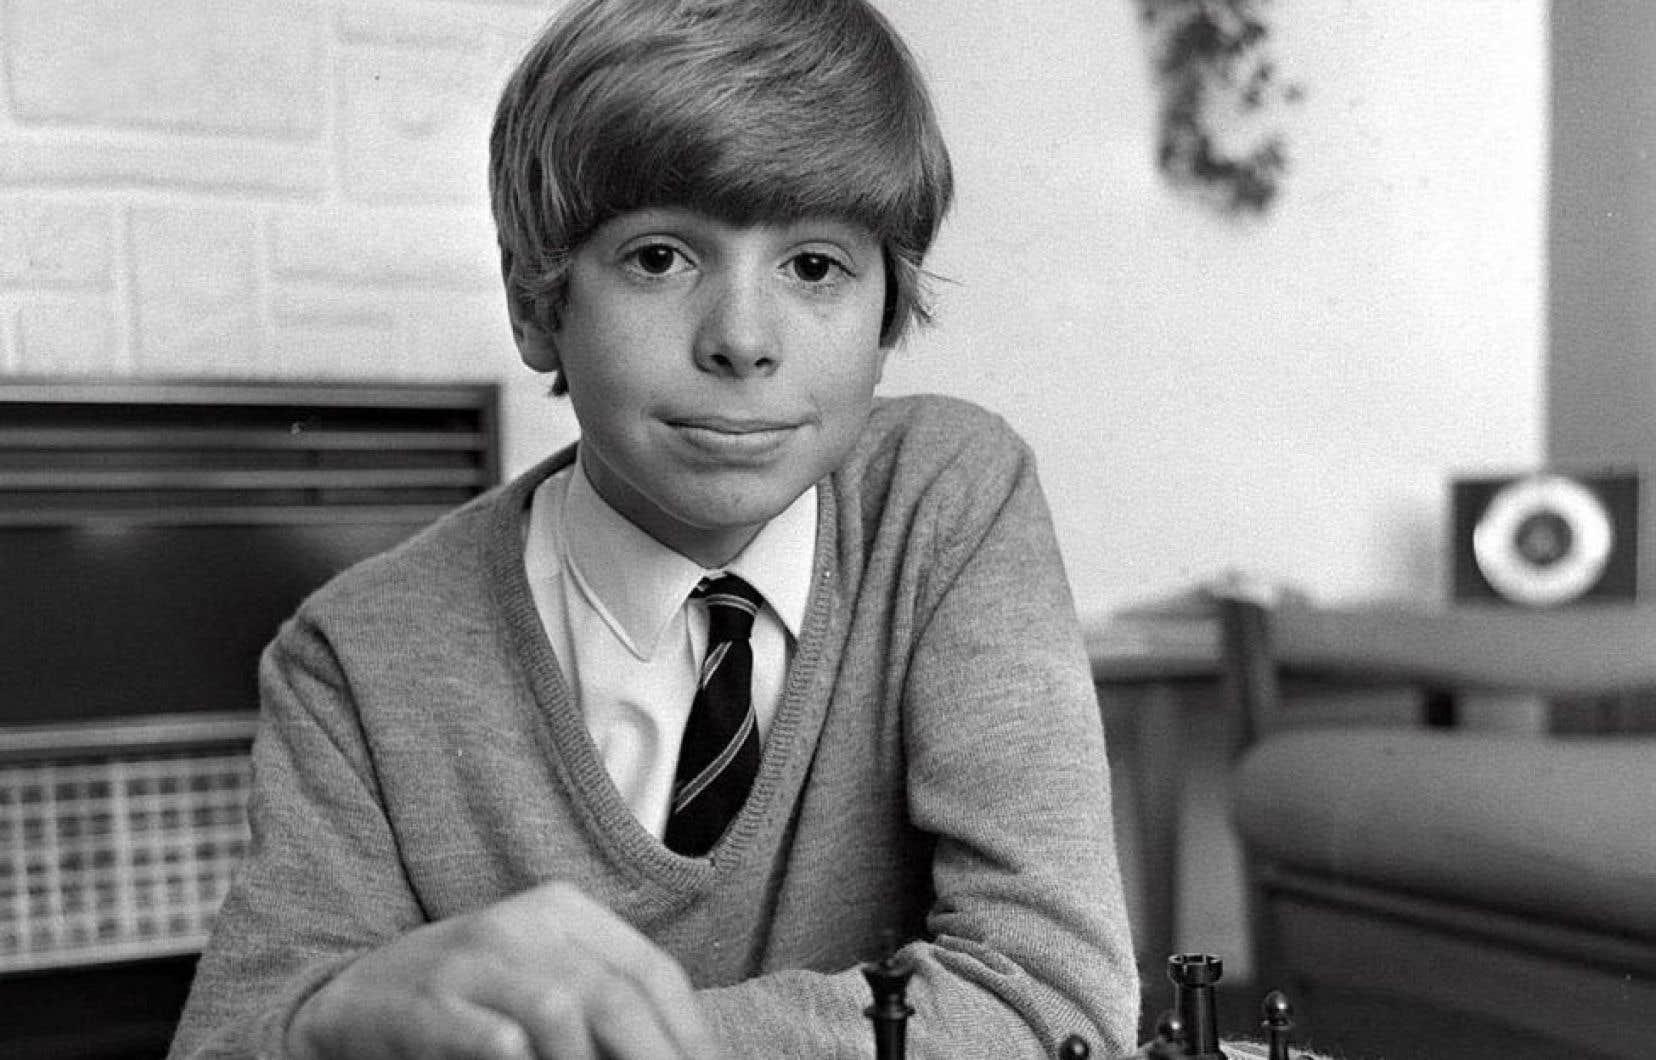 Neil Hughes fut notamment sélectionné, dans les années 1960, pour former un groupe hétérogène de gamins dans le but d'élaborer un aperçu du futur de l'Angleterre de l'an 2000.